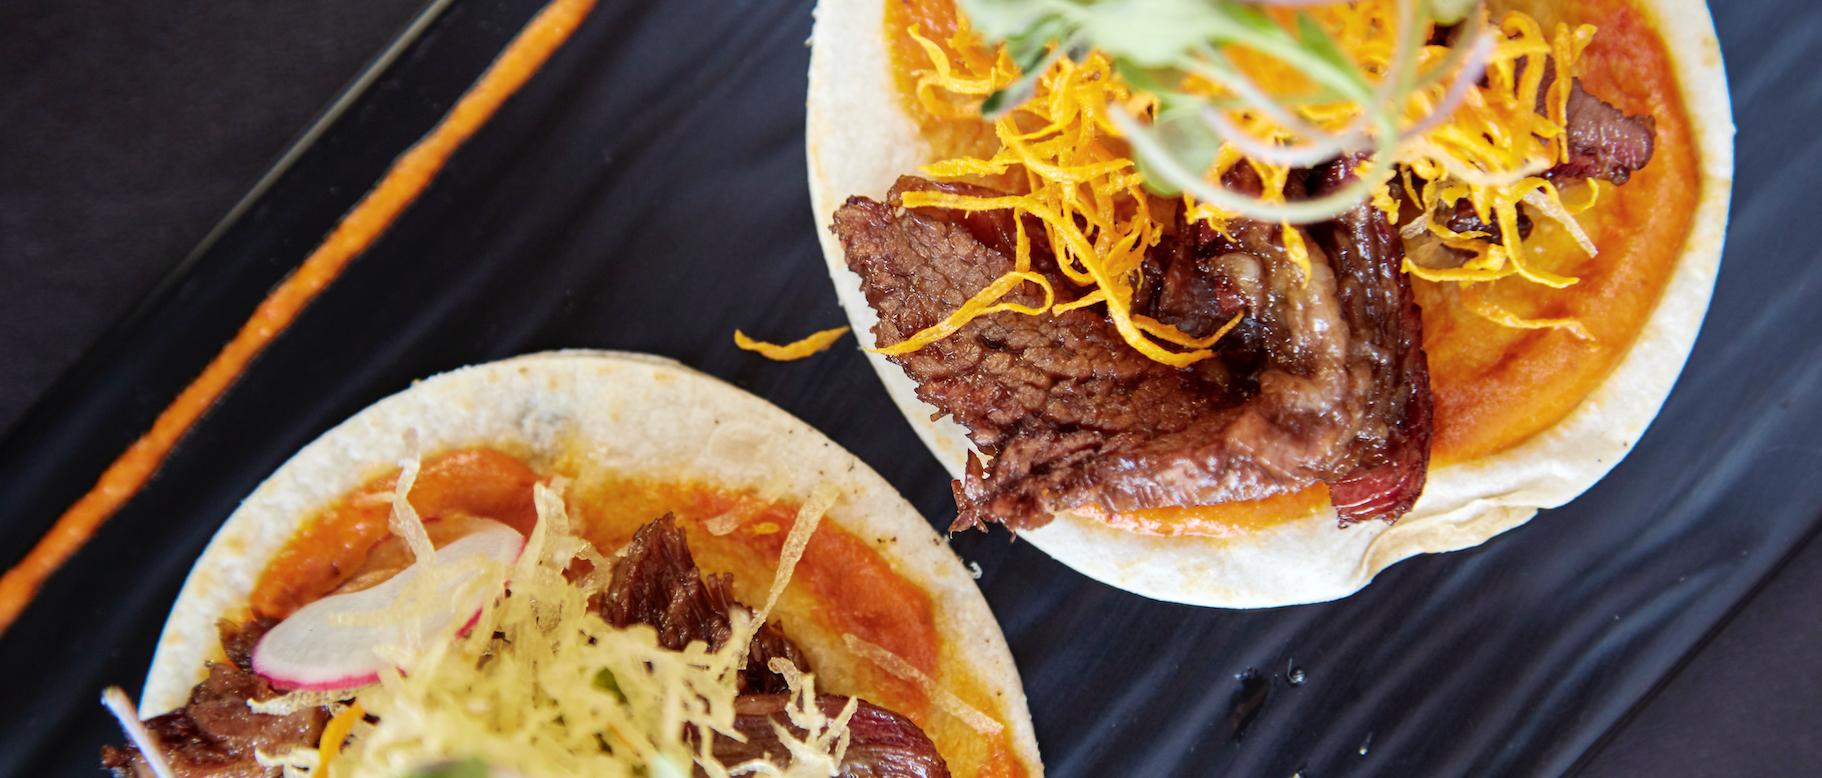 Toro Santa Fe: Una joya de la gastronomía latina con acentos orientales